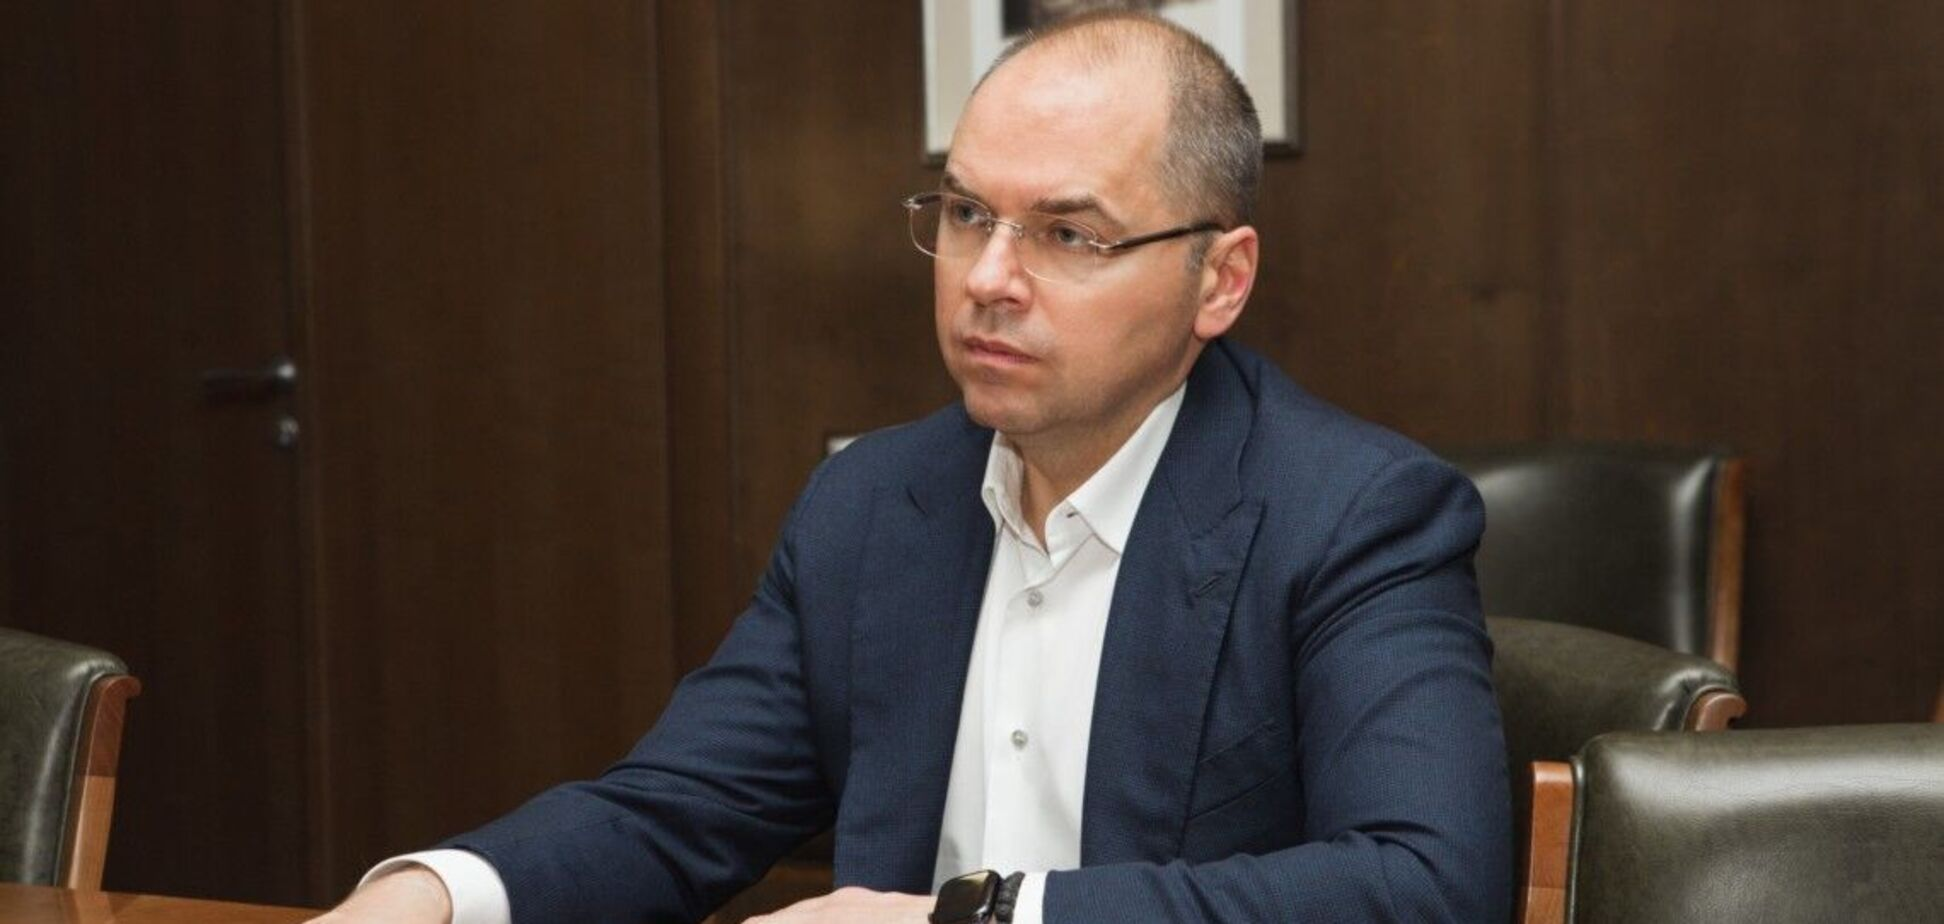 Степанов призвал остановить цепь смертей и 'антивакцинальную вакханалию'